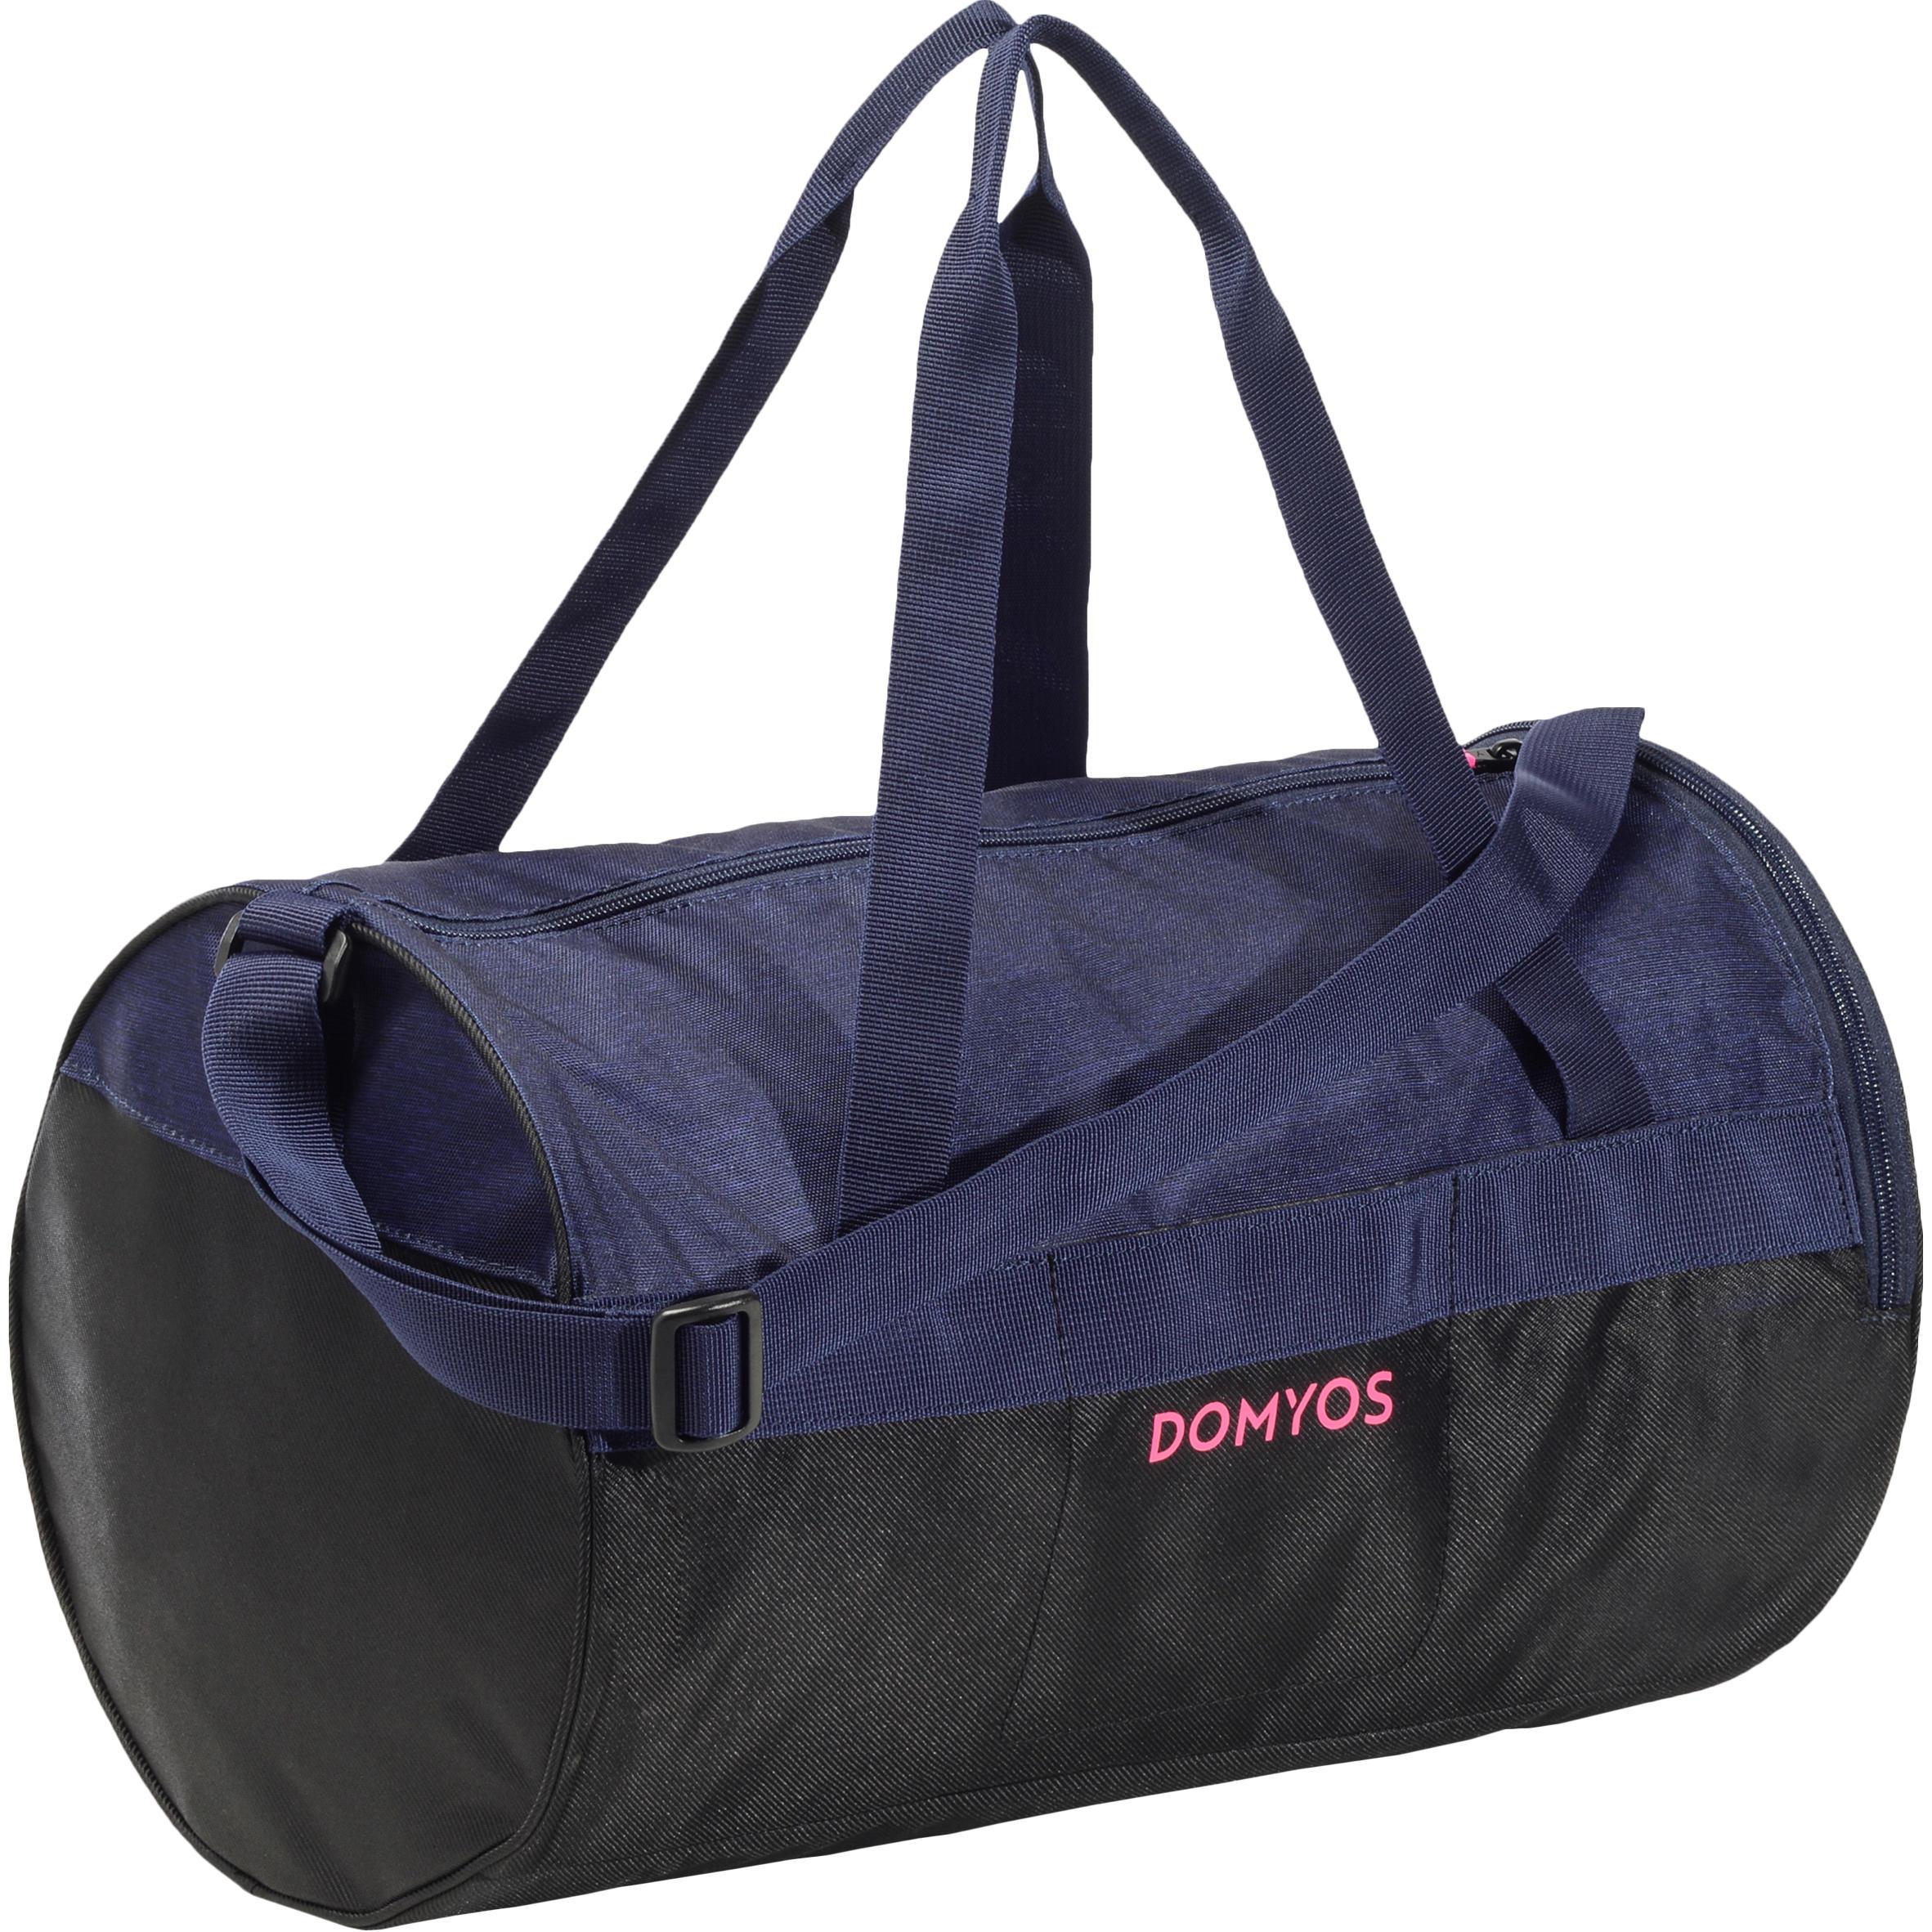 Bolsa de fitness de 20 litros azul y negra Domyos